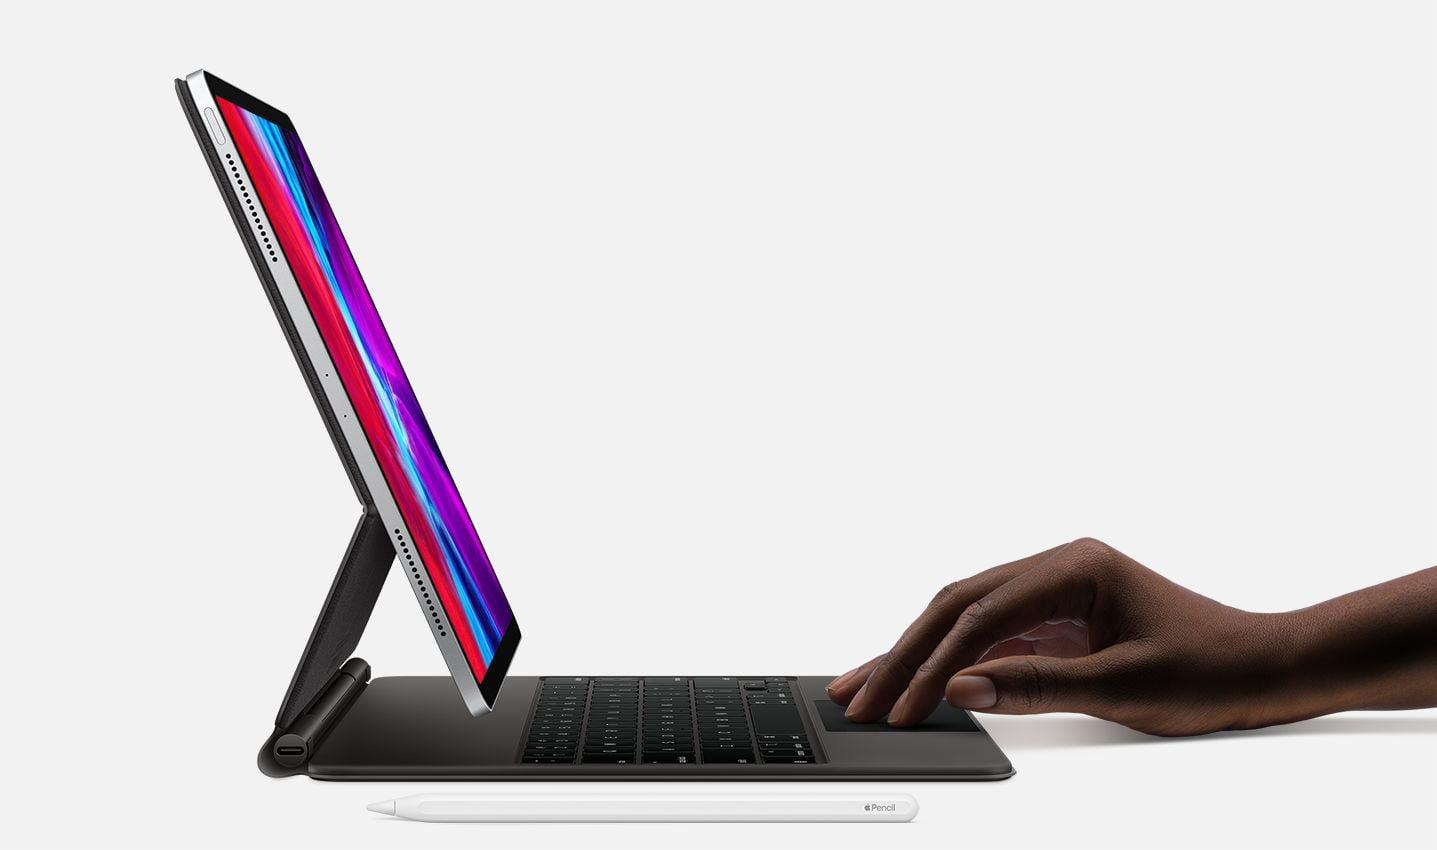 Nowy 12,9-calowy iPad Pro będzie o 0,5 mm grubszy, aby pomieścić wyświetlacz mini-LED